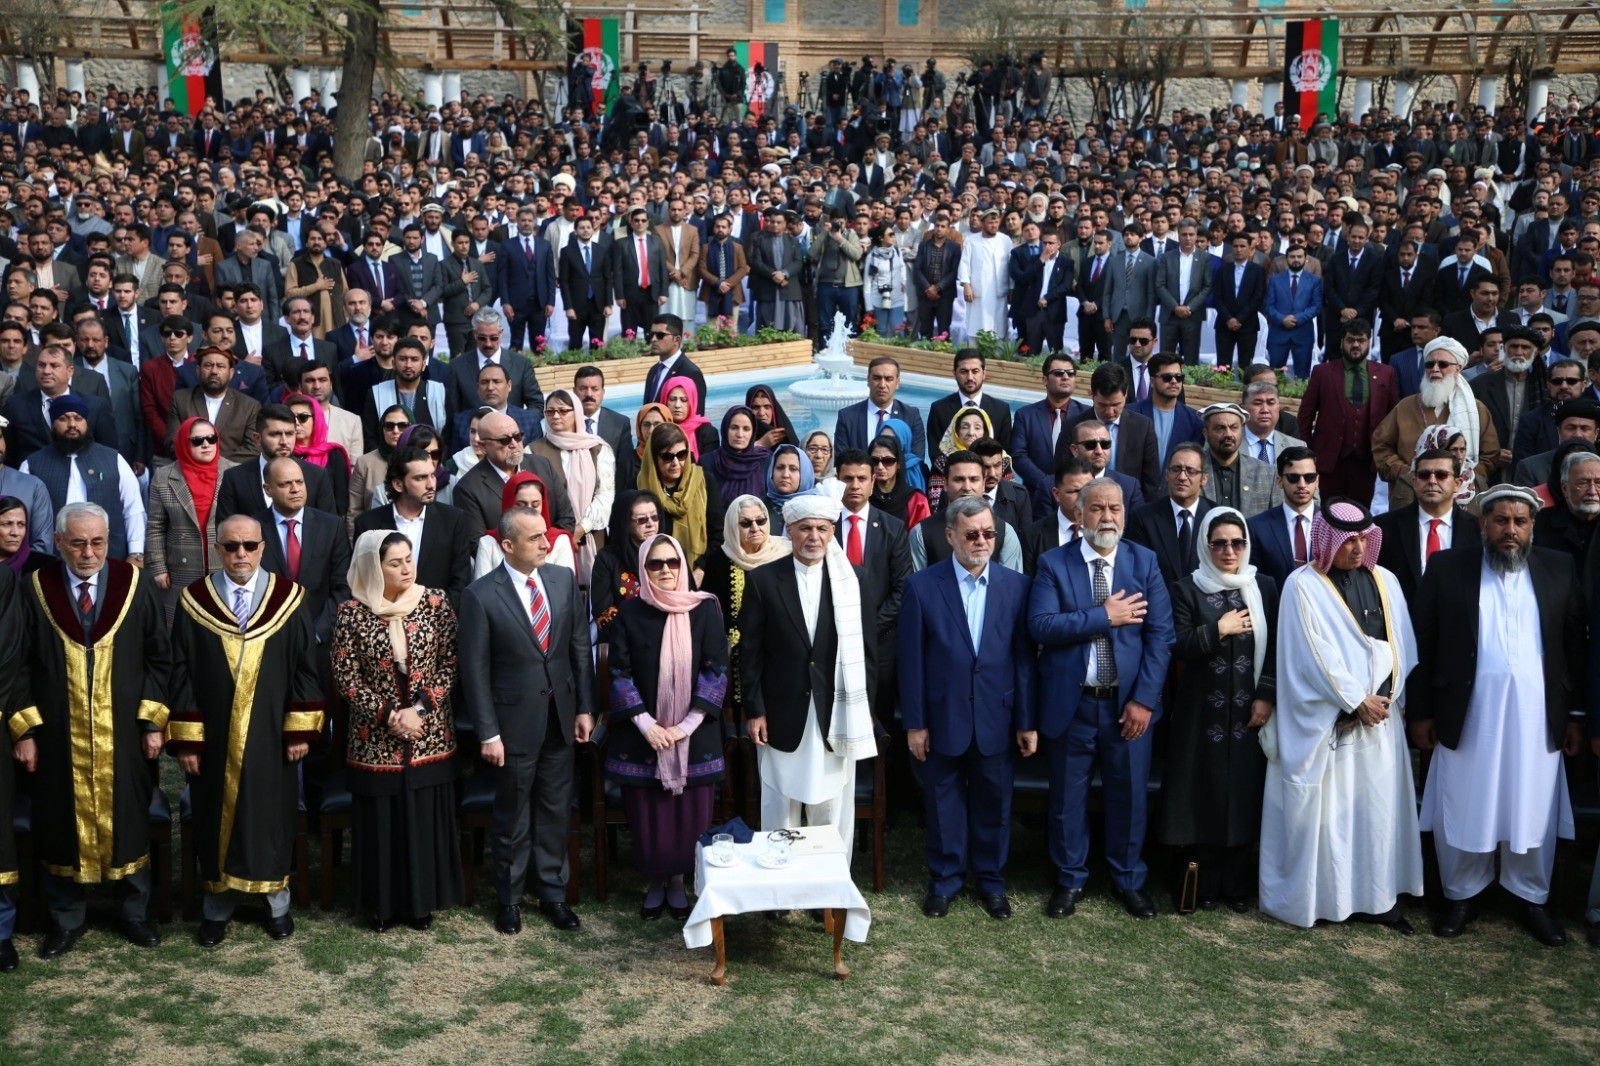 09/03/2020 Toma de posesión de Ashraf Ghani en el palacio presidencial de Kabul POLITICA ASIA INTERNACIONAL AFGANISTÁN PRESIDENCIA DE AFGANISTÁN